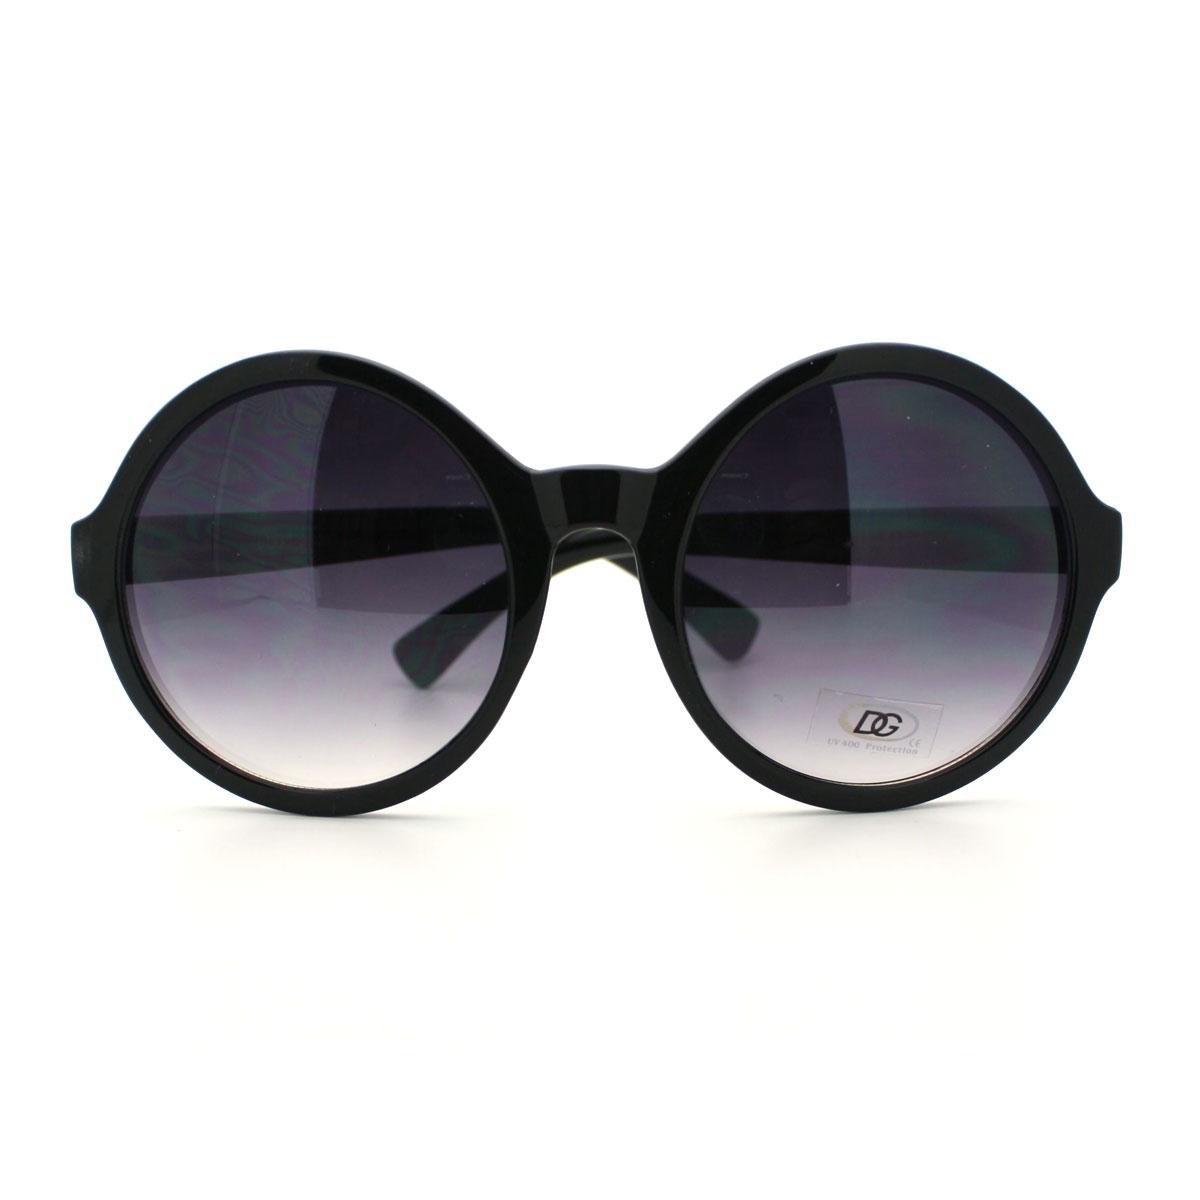 Round Shades Sunglasses  dg eyewear fashion circle lens sunglasses oversized round